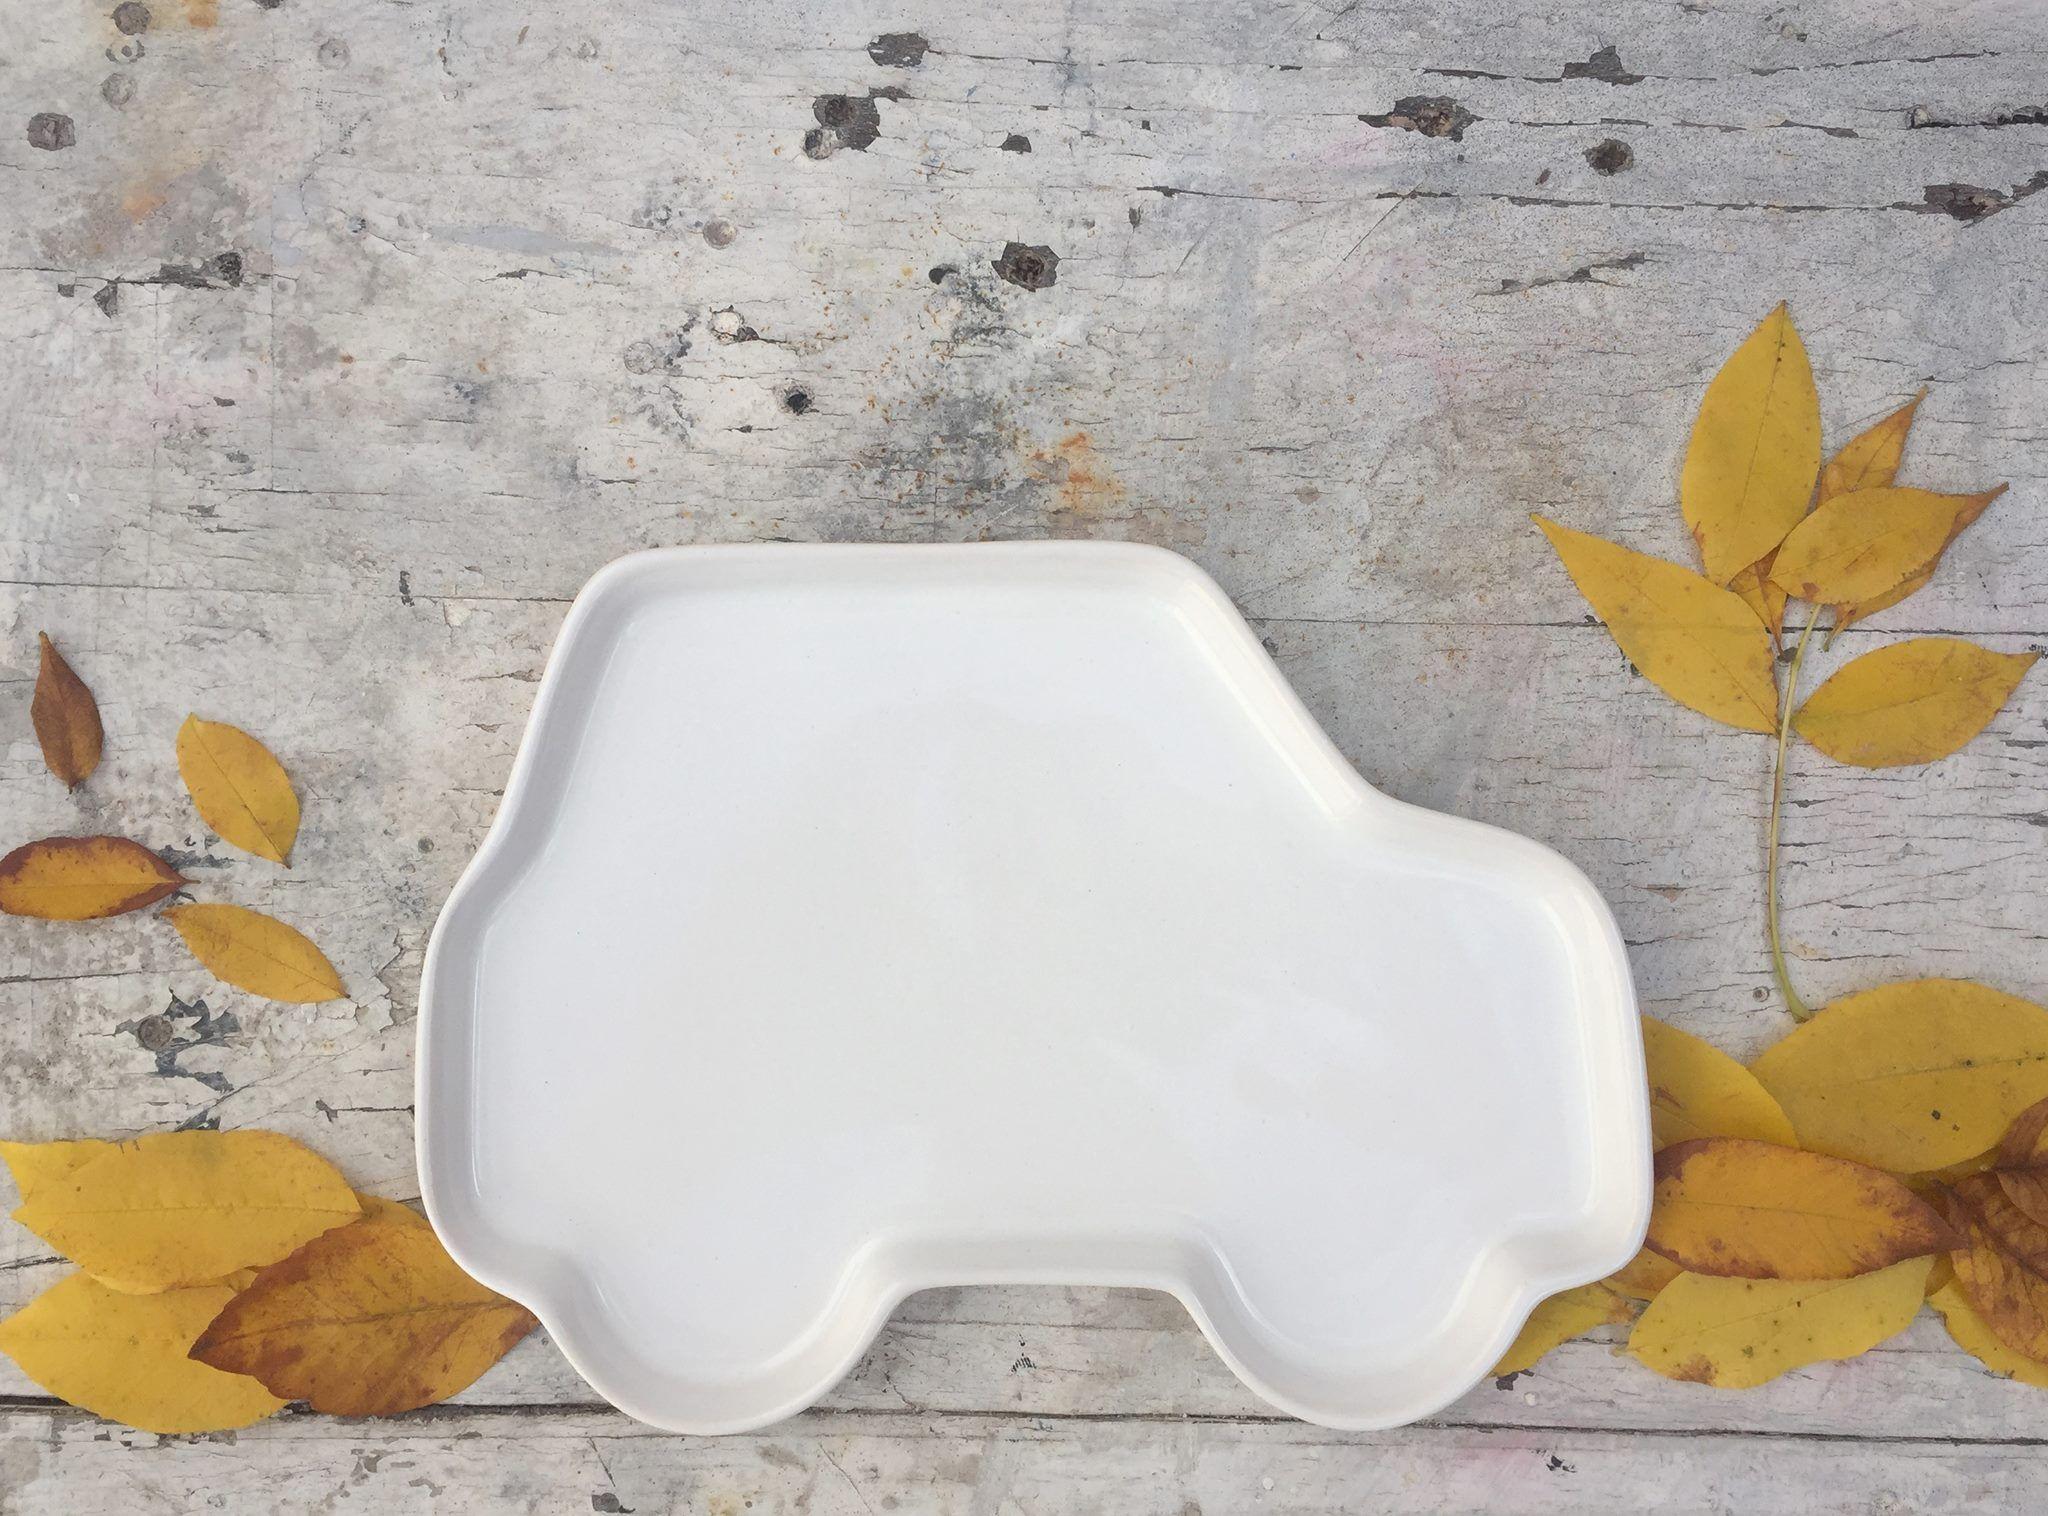 Ceramics kids plate -  Platos de ceramica para niños para hacer de la comida un momento más divertido, vajilla infantil, platos divertidos - ceramic plate for kids, fun at table, fun meal, kids tableware